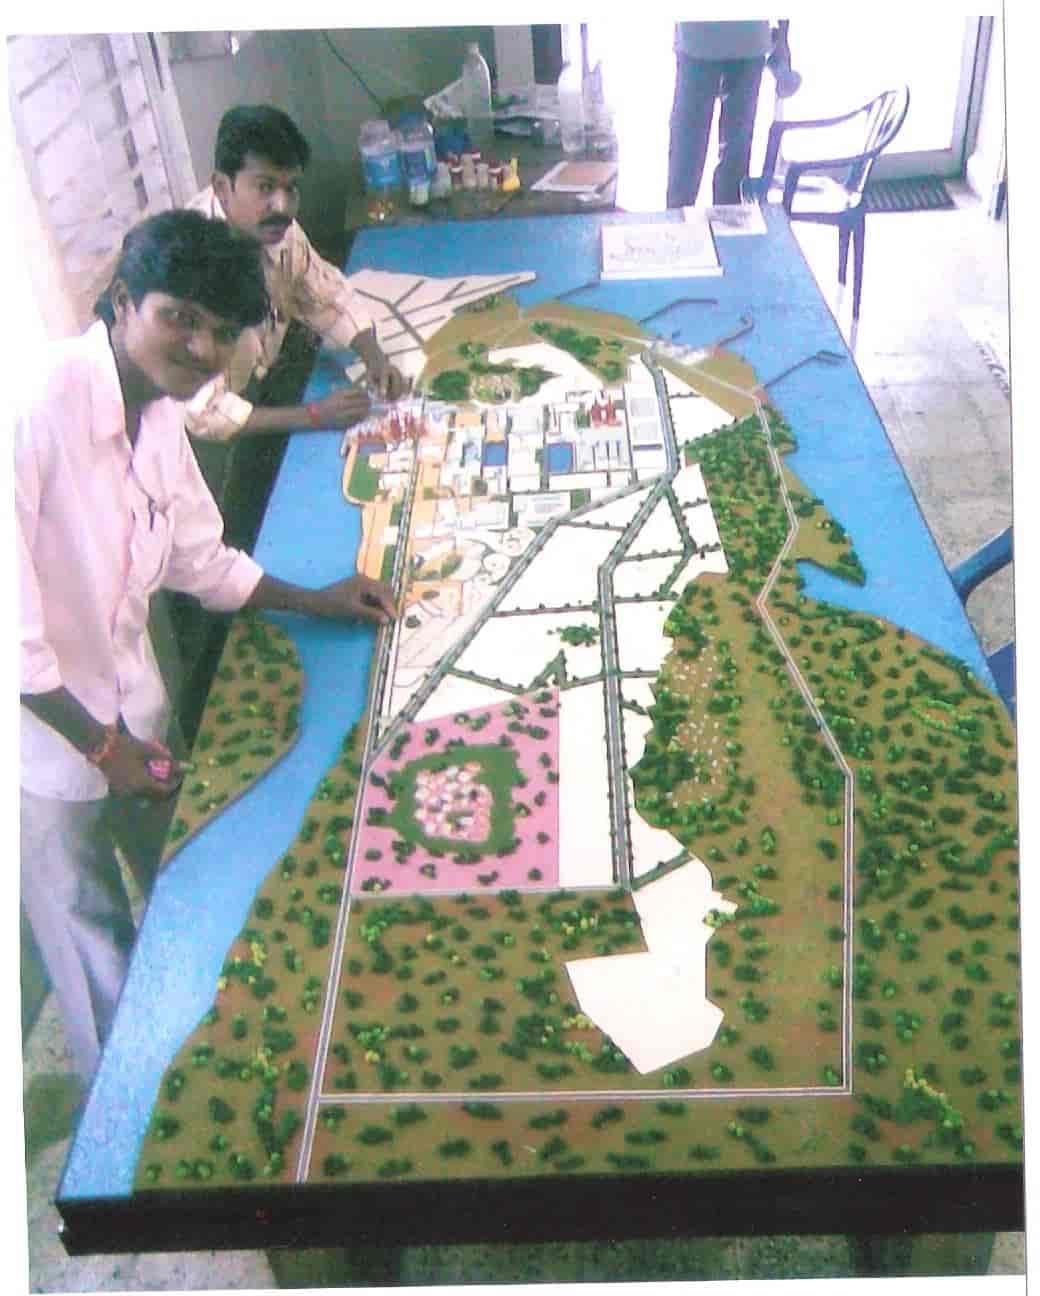 trimurti art photos vashi mumbai pictures images gallery justdial